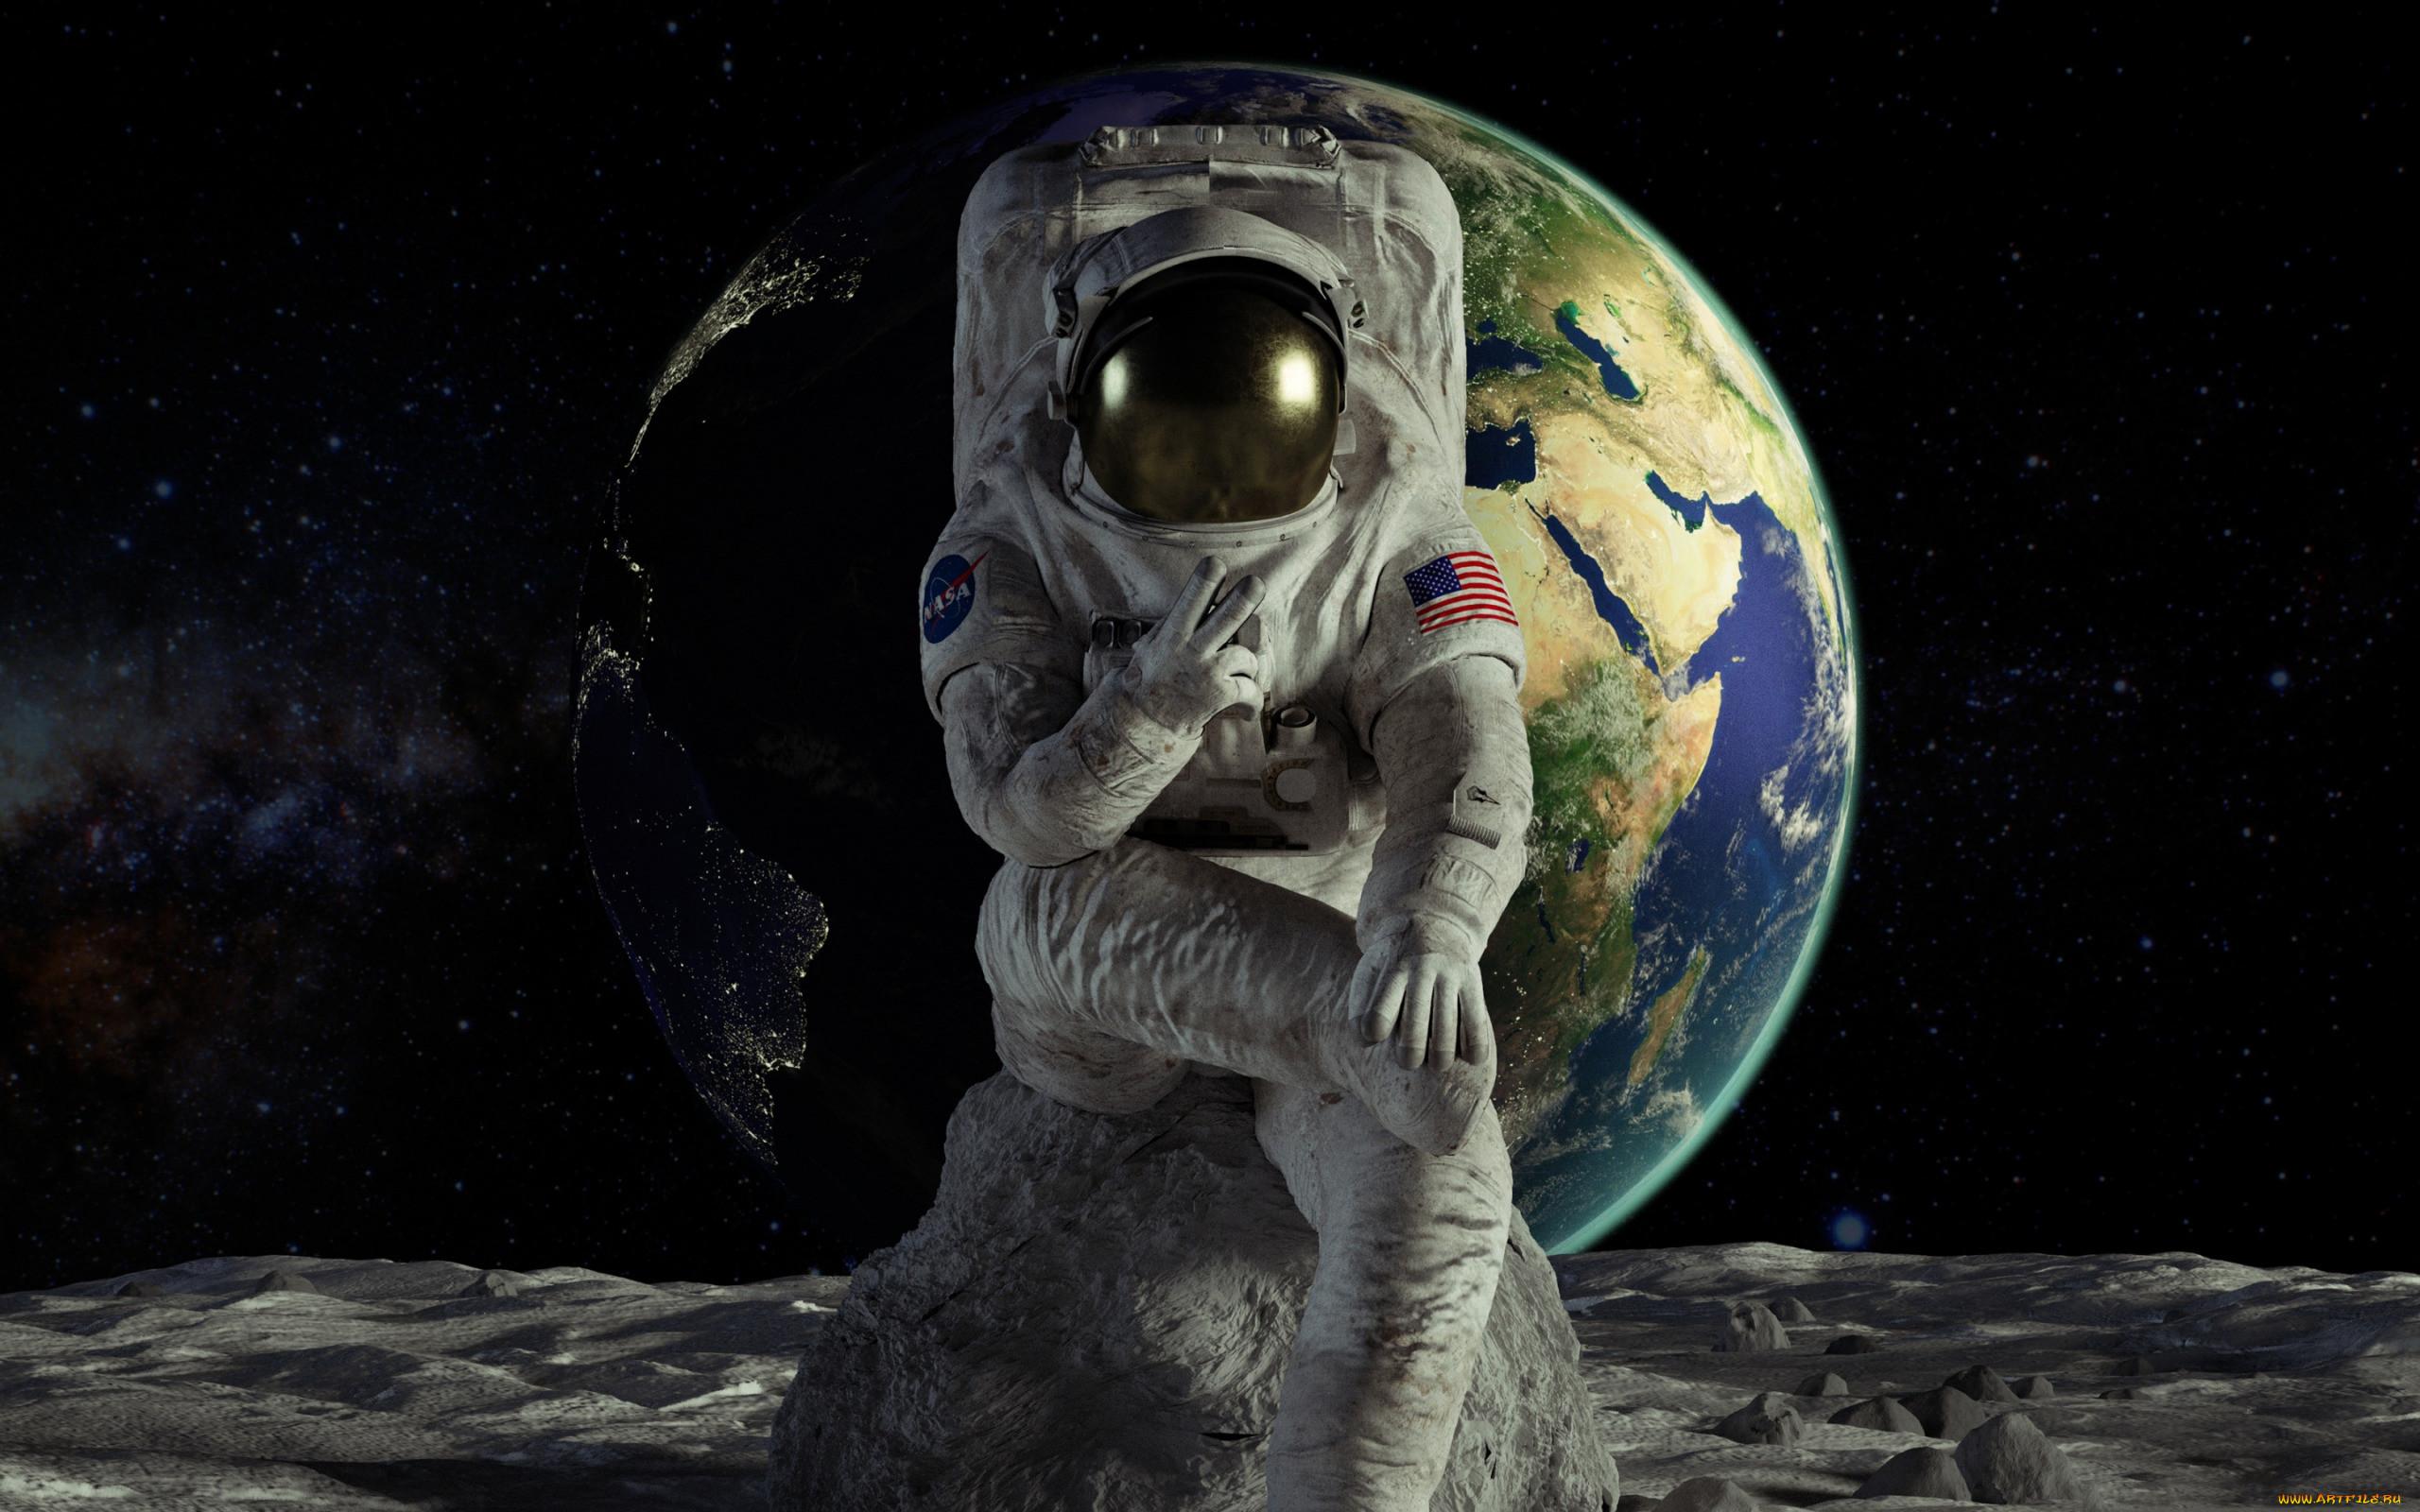 ждут картинки космоса и планет и космонавтов редакции